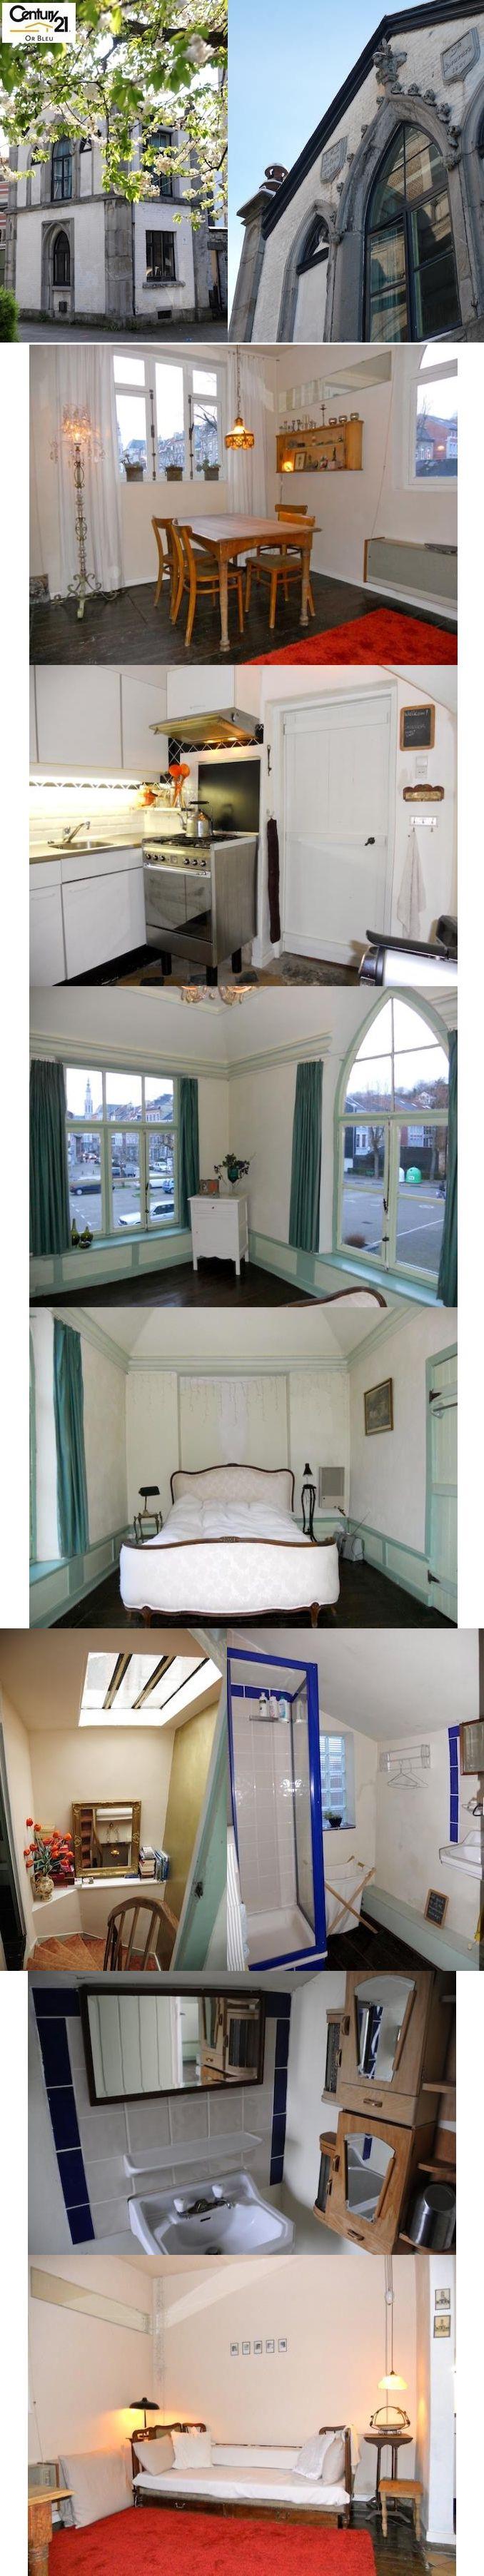 VENDU Maison/Maison de maître 4800, VERVIERS, Belgique € 65 000